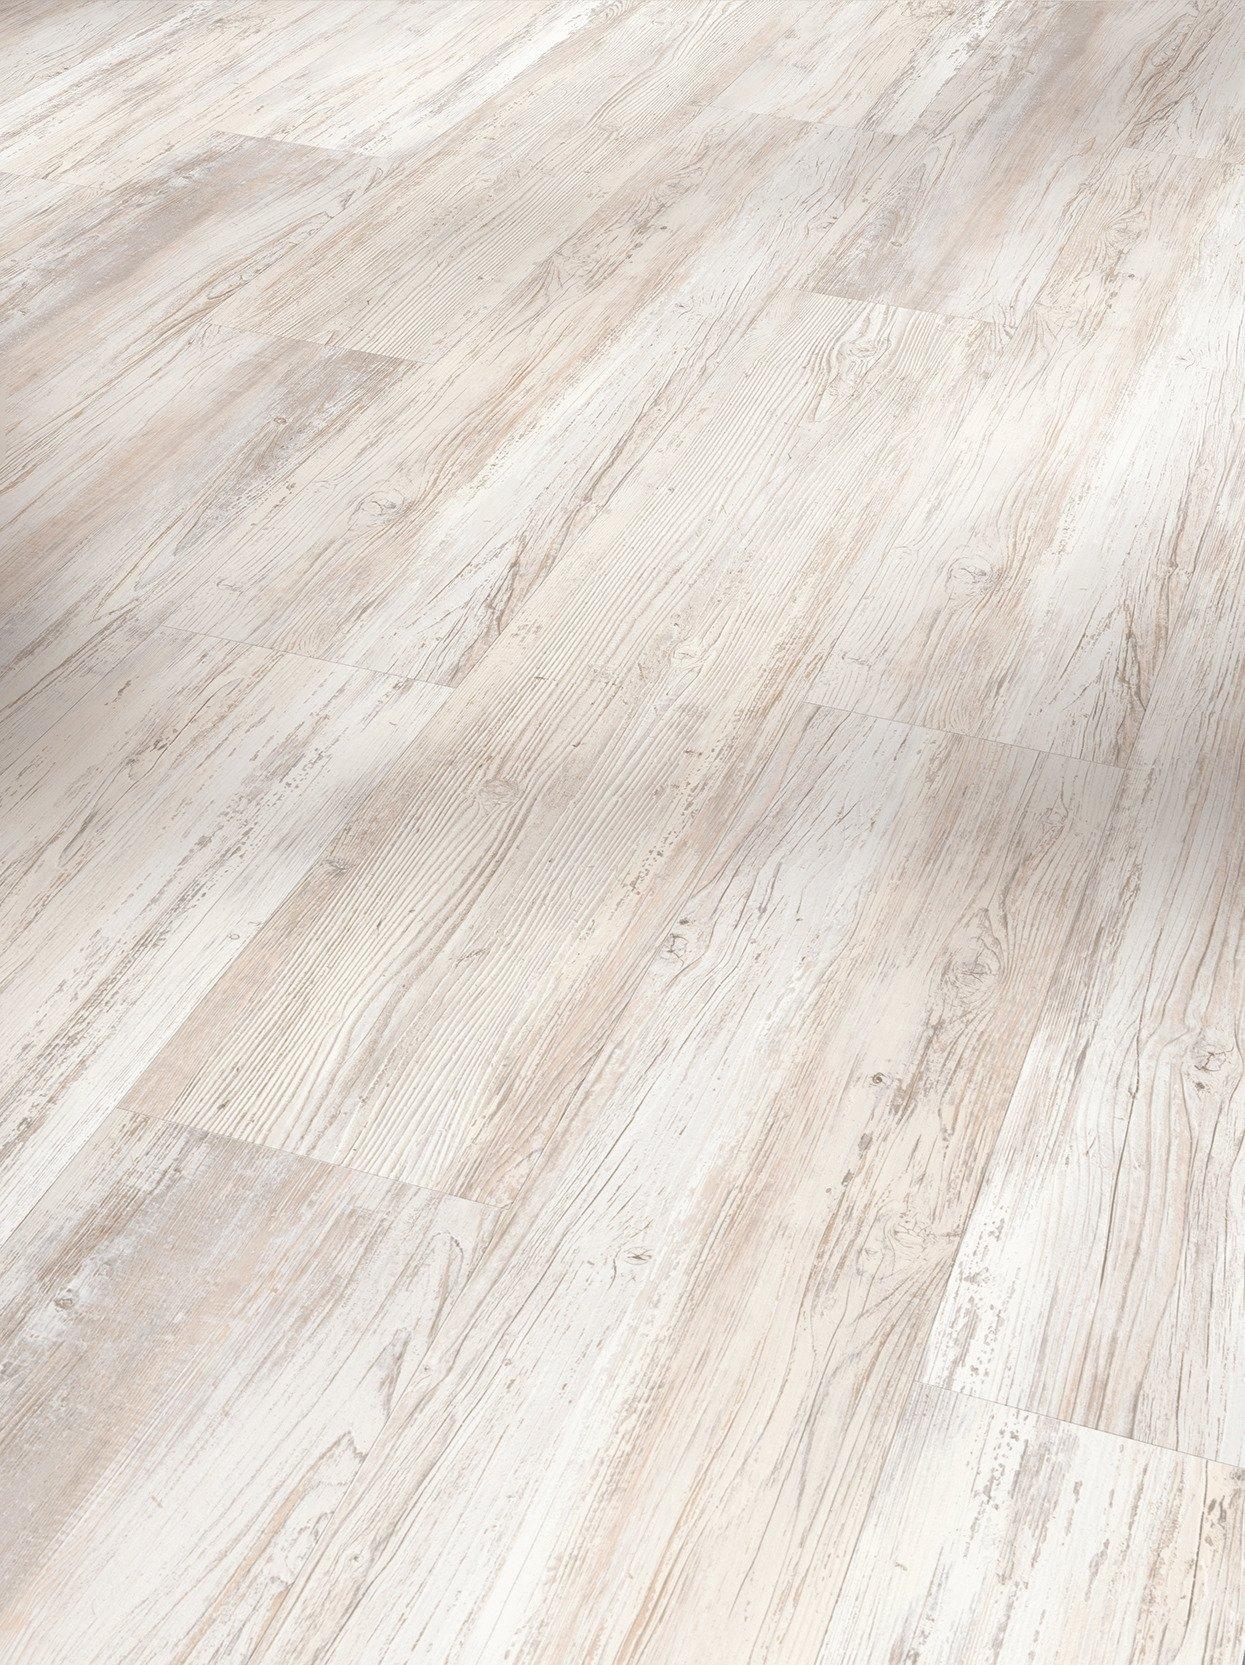 Parador Vinyllaminaat »Basic, pine Scandinavisch wit« - verschillende betaalmethodes